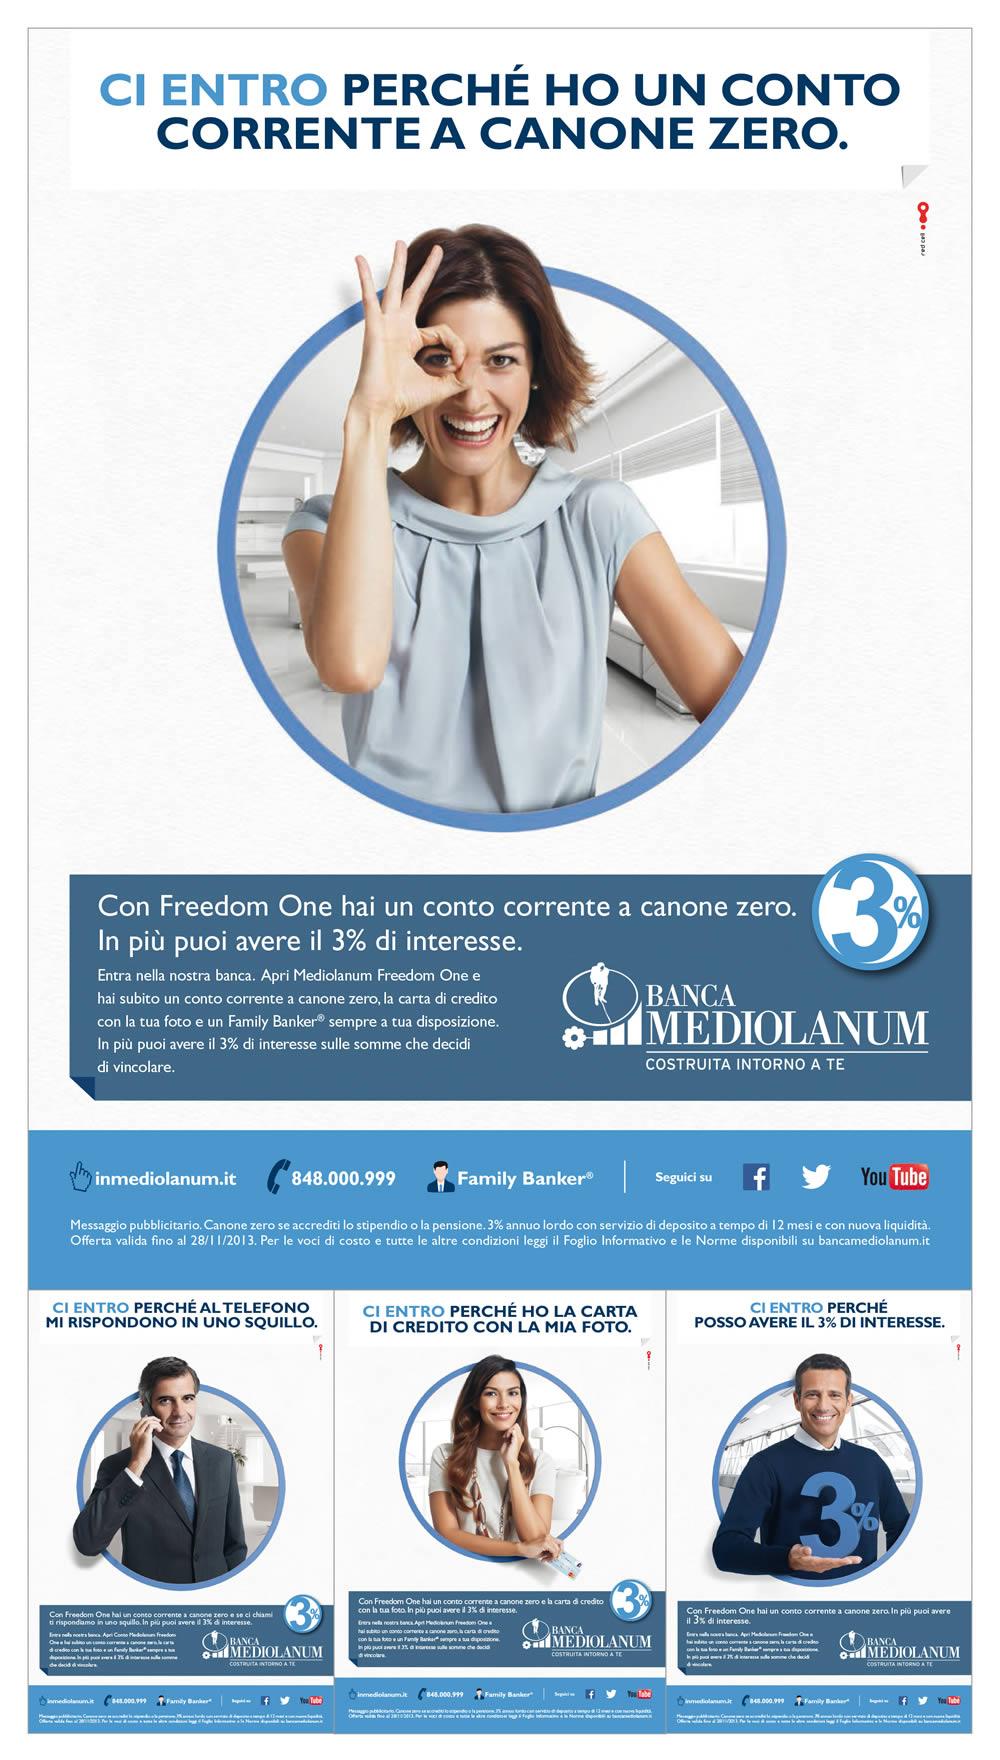 mediolanum freedomone